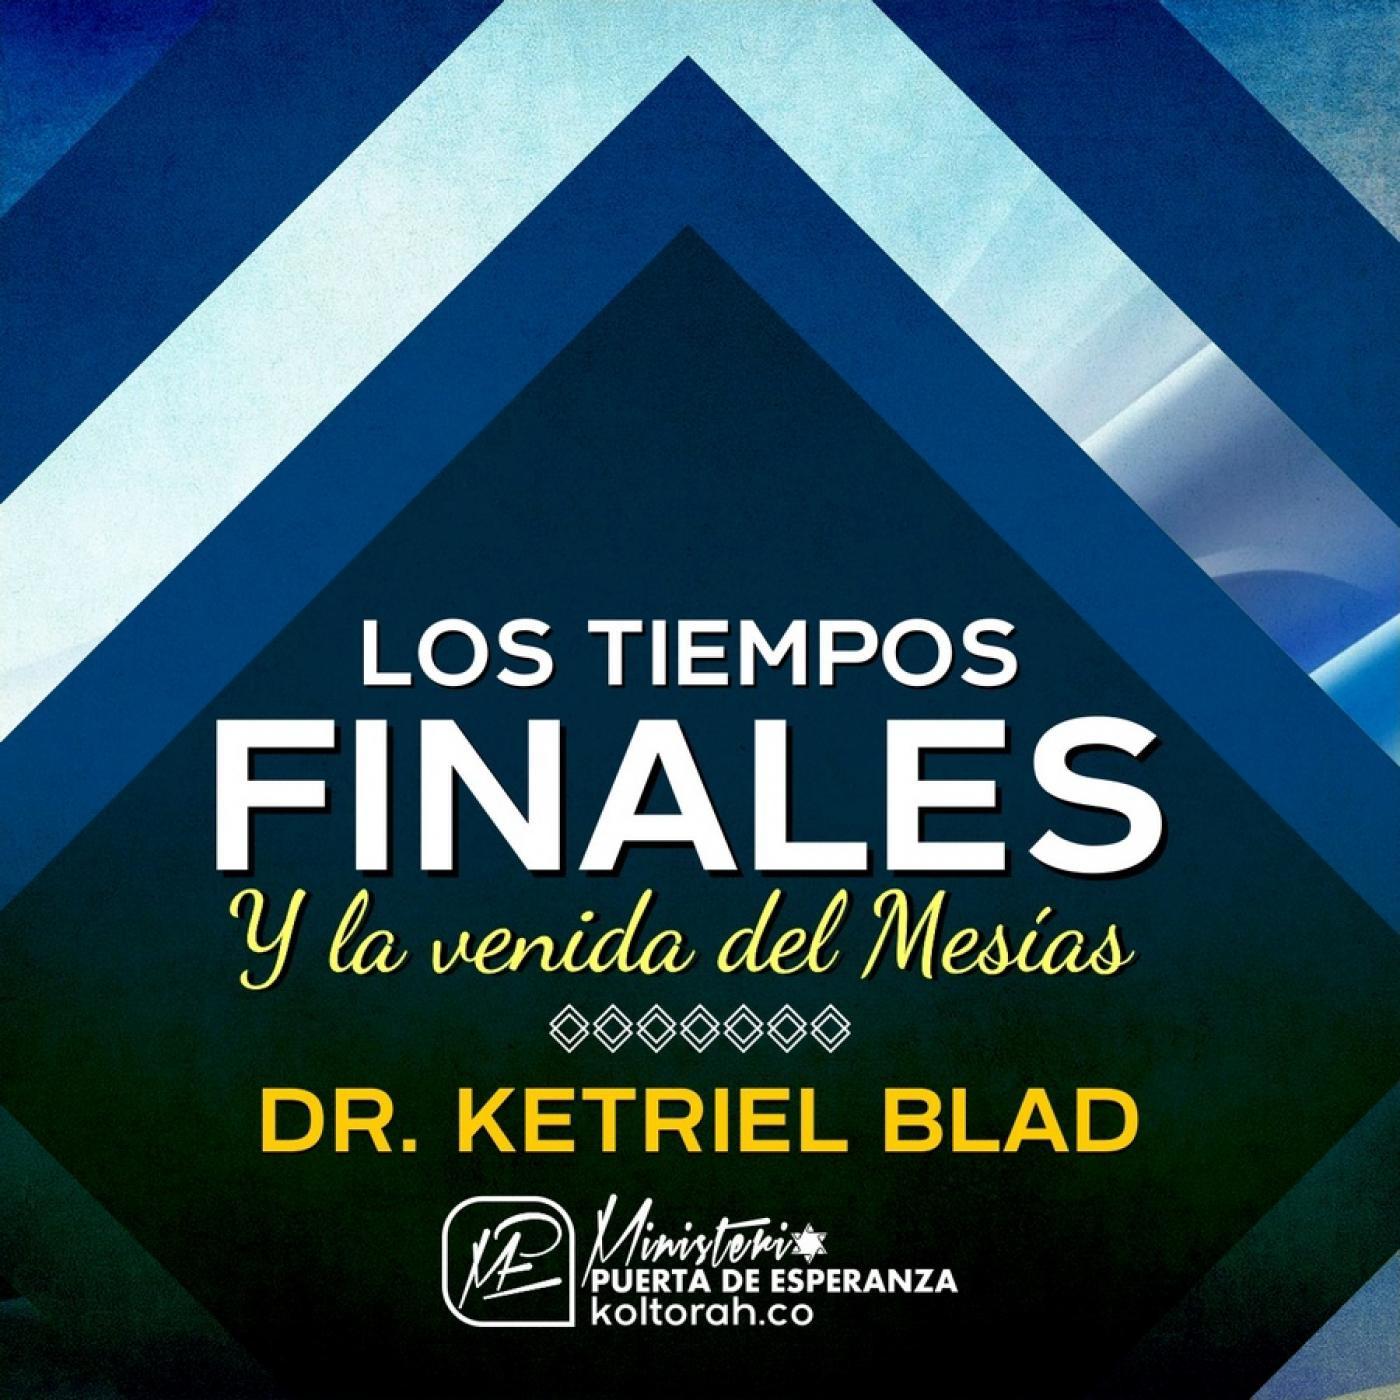 Los tiempos finales y la venida del Mesías - Dr. S. Ketriel Blad